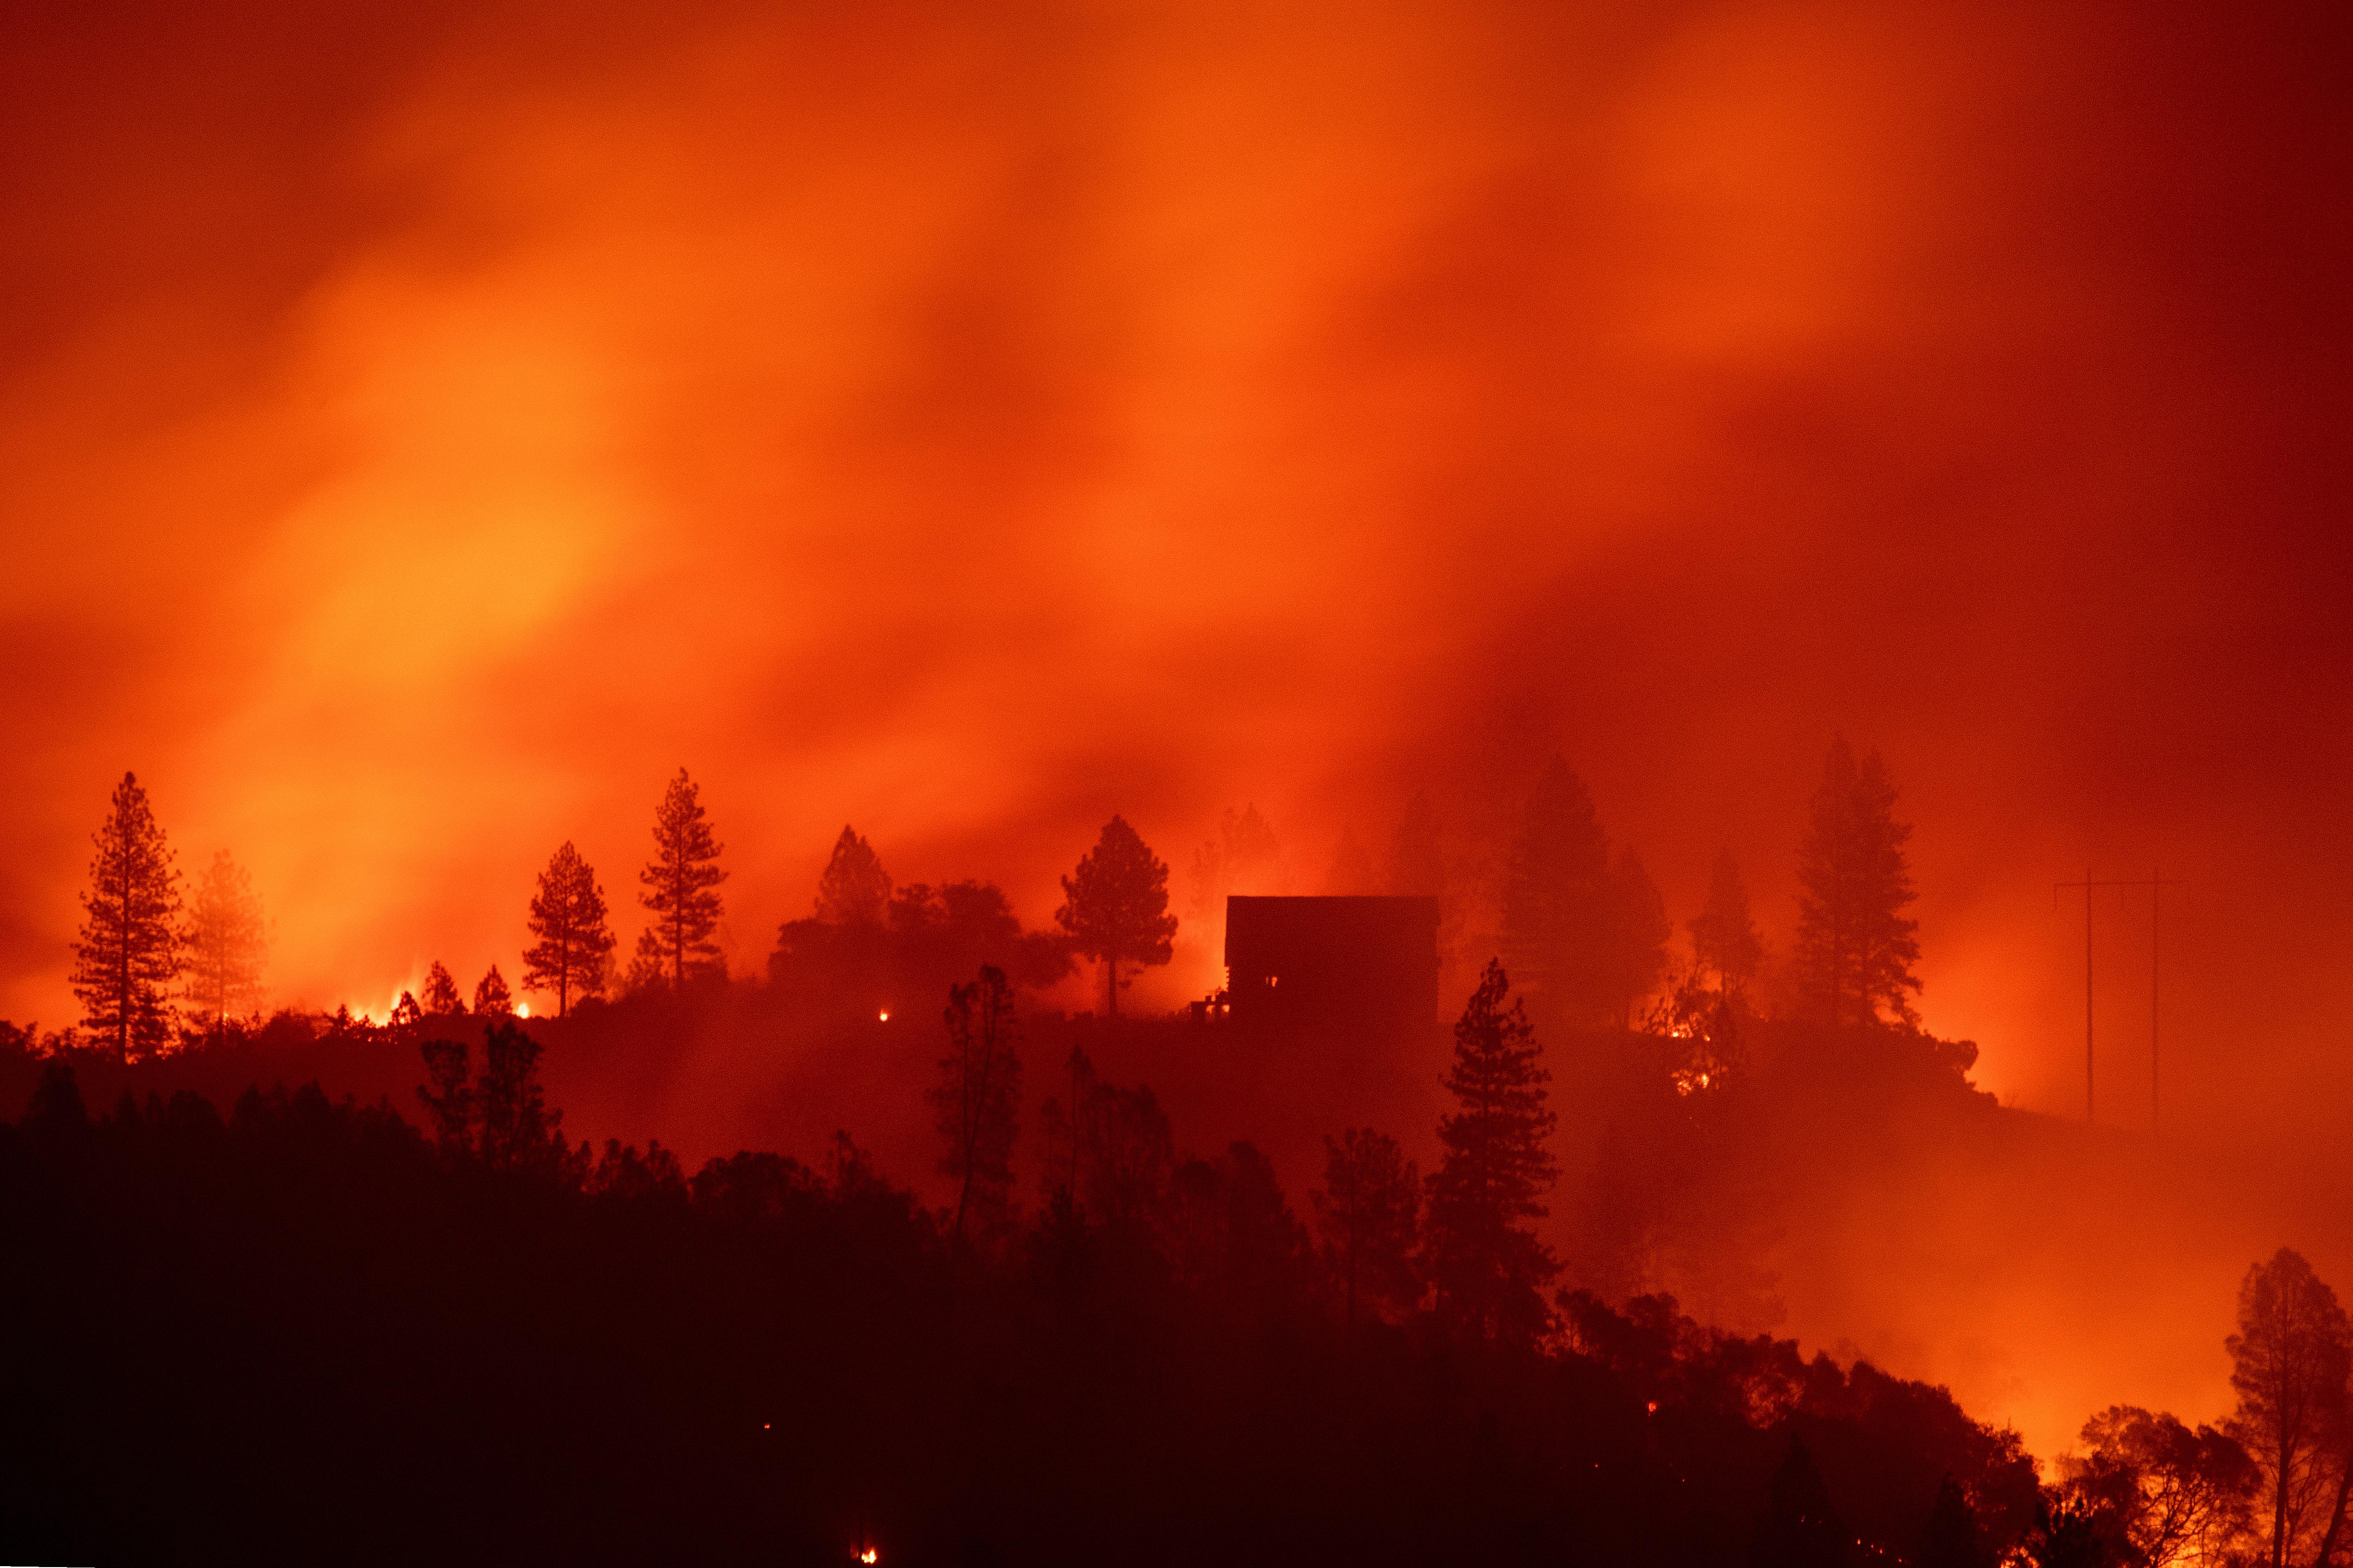 Tragikus adatok jöttek ki az üvegházhatást okozó szennyező anyagokról